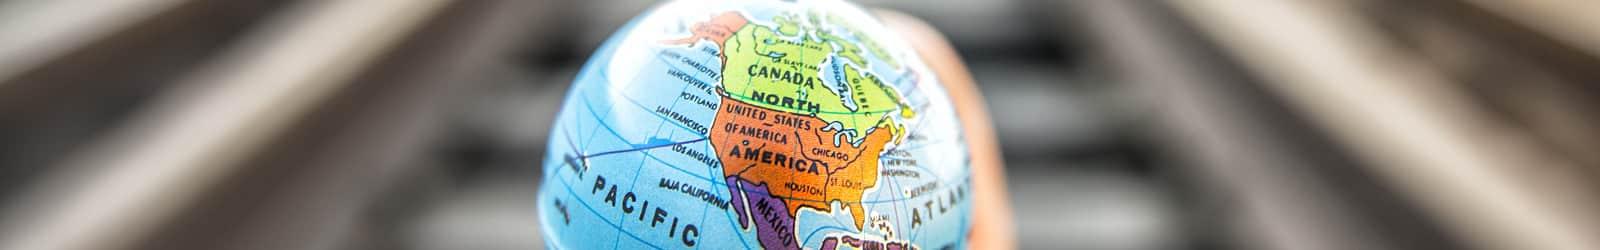 Parmi les destinations de Visa Vacances Travail, choisissez entre l'Australie, le Canada et la Nouvelle-Zélande.